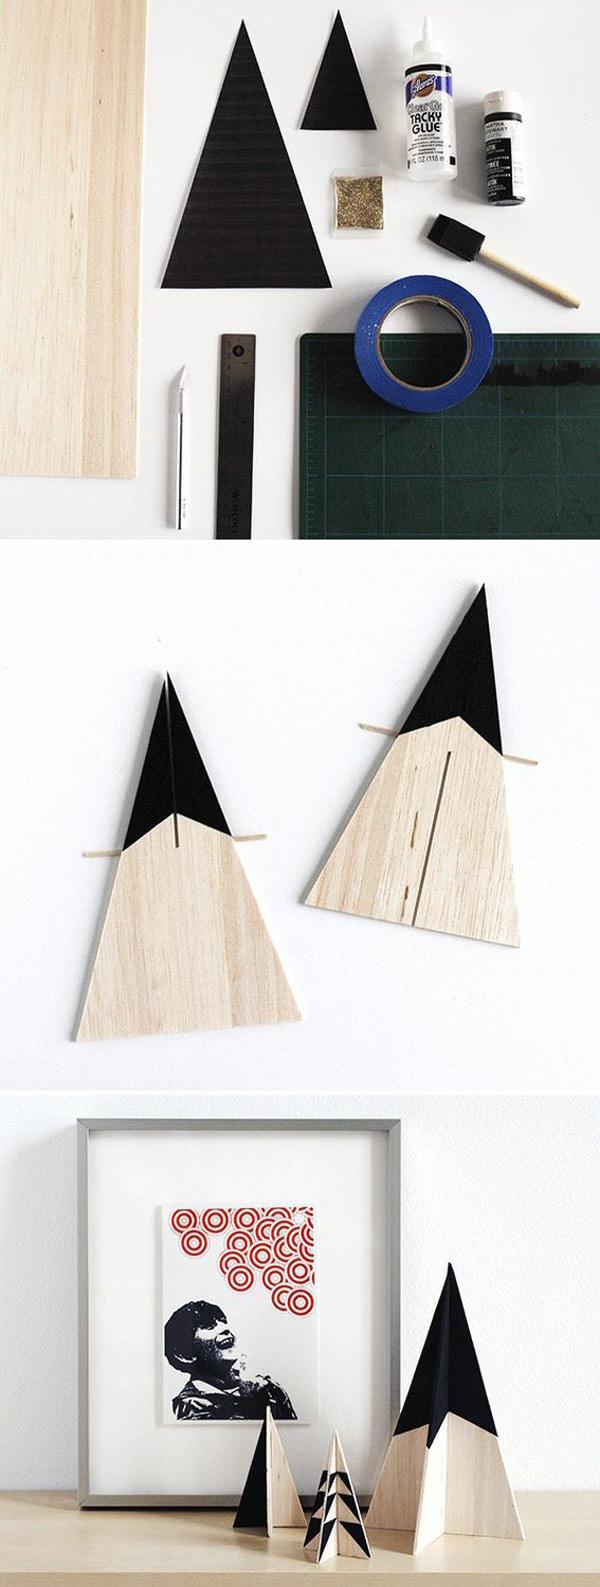 DIY arbol de navidad de madera. manualidades para navidad